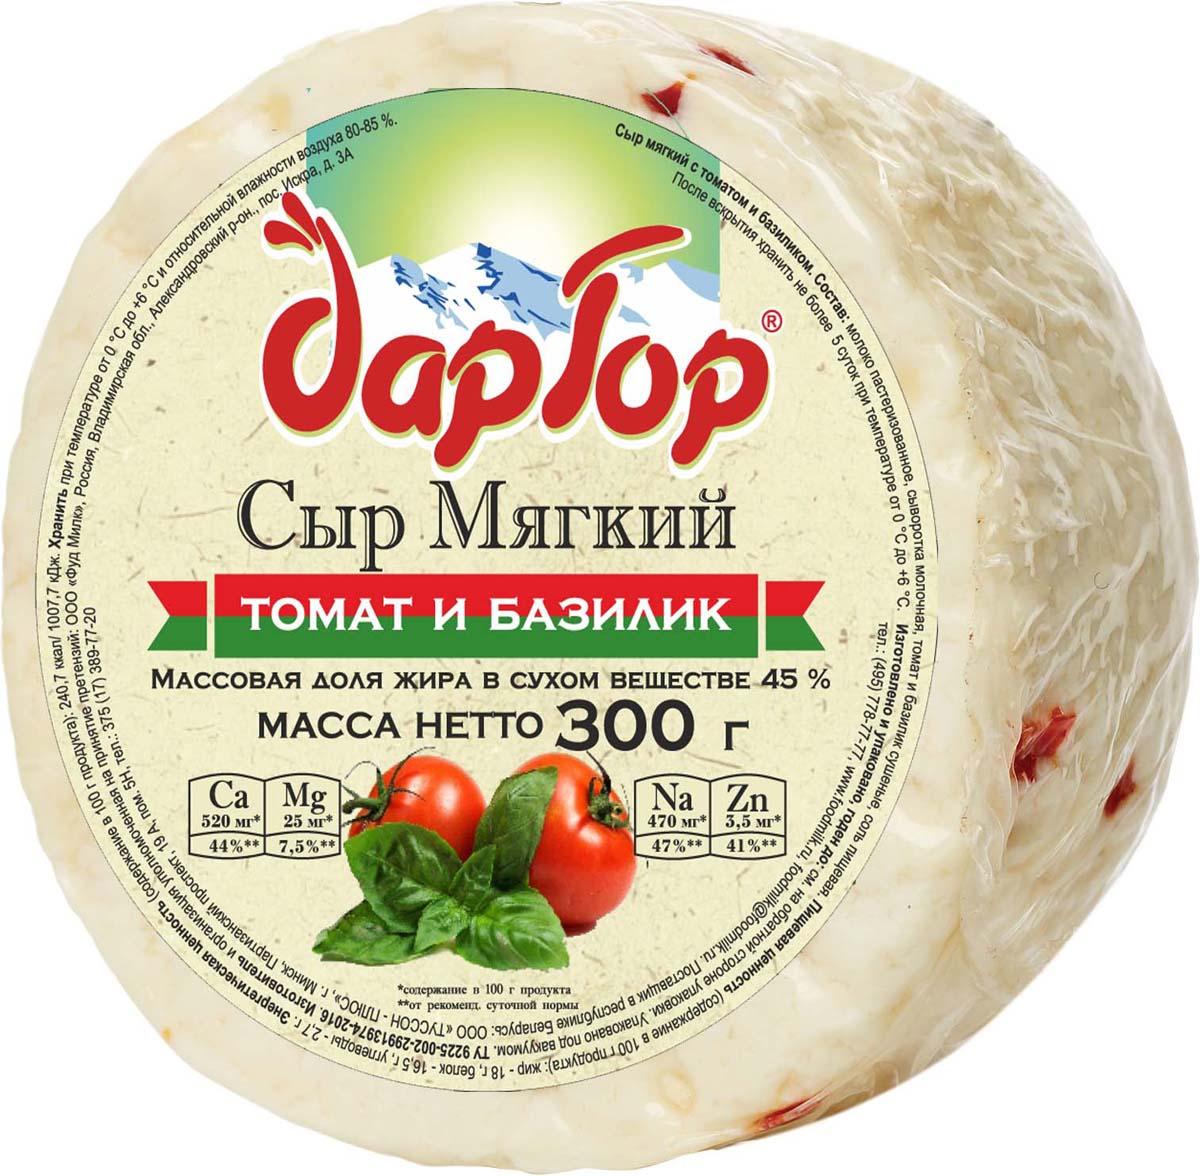 Дар Гор Сыр мягкий с Томатом и Базиликом 45%, 300 г олинеза лютеница домашняя 260 г